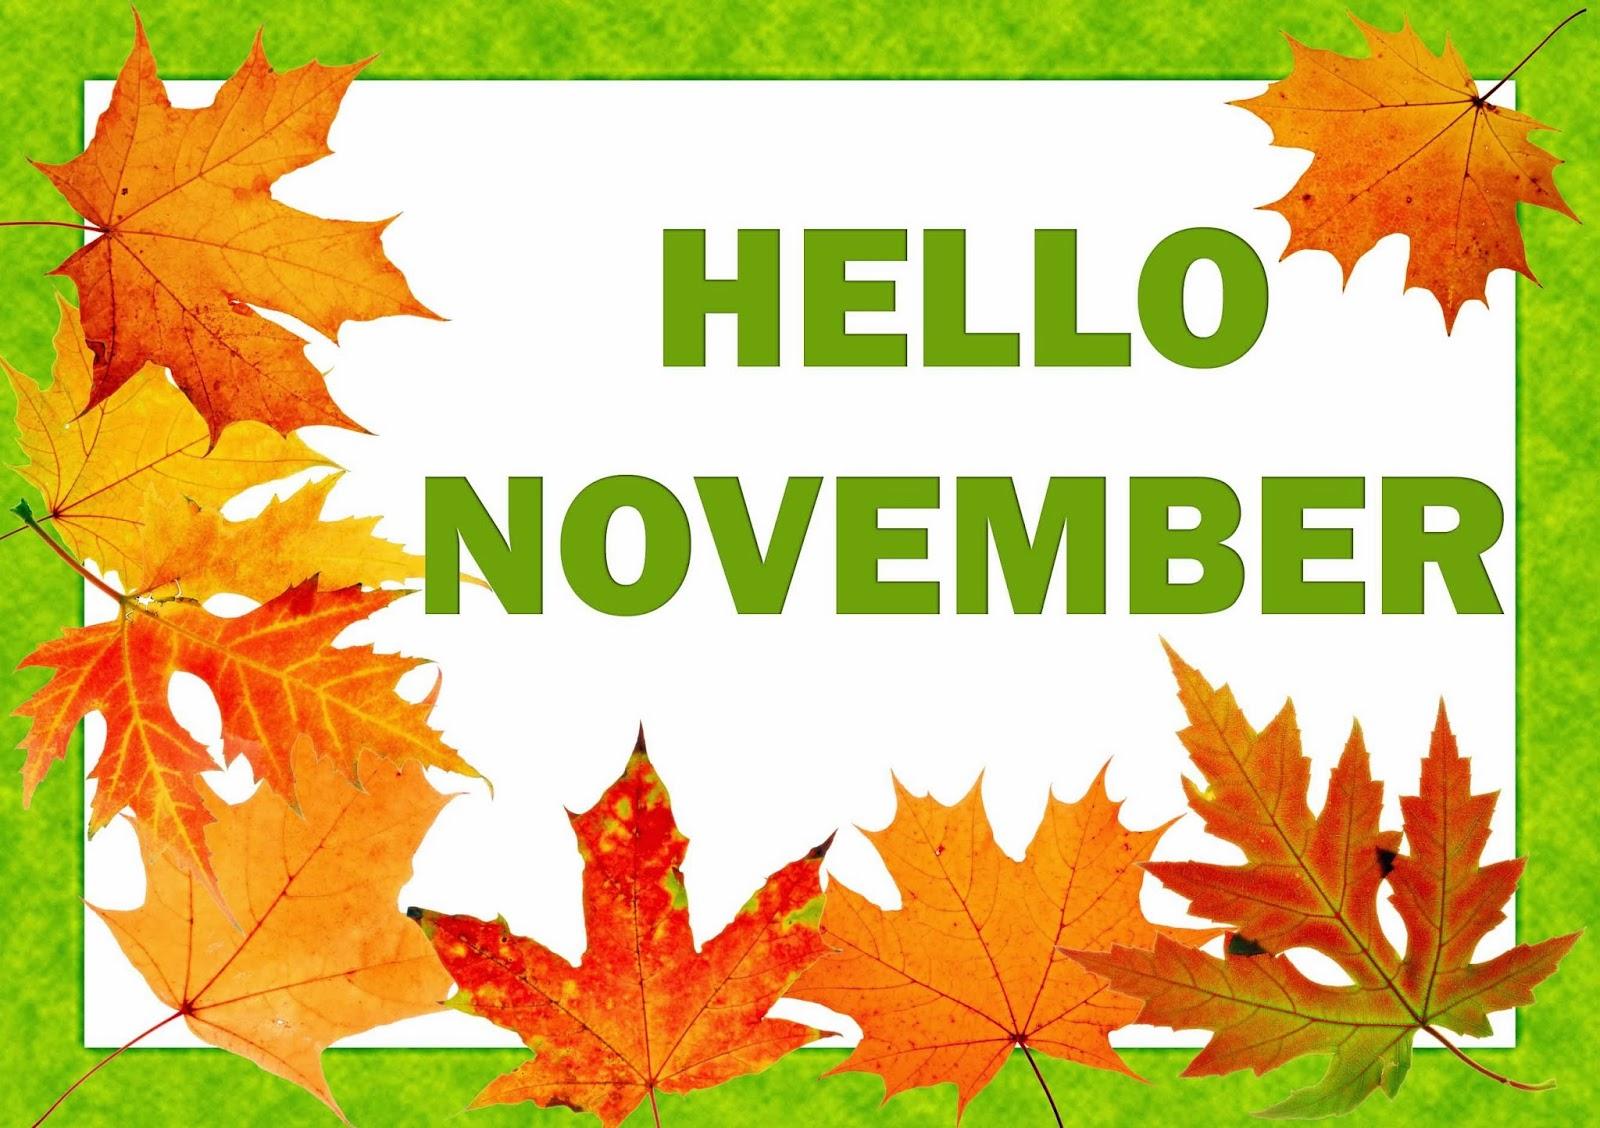 hello november itsnasb - photo #23